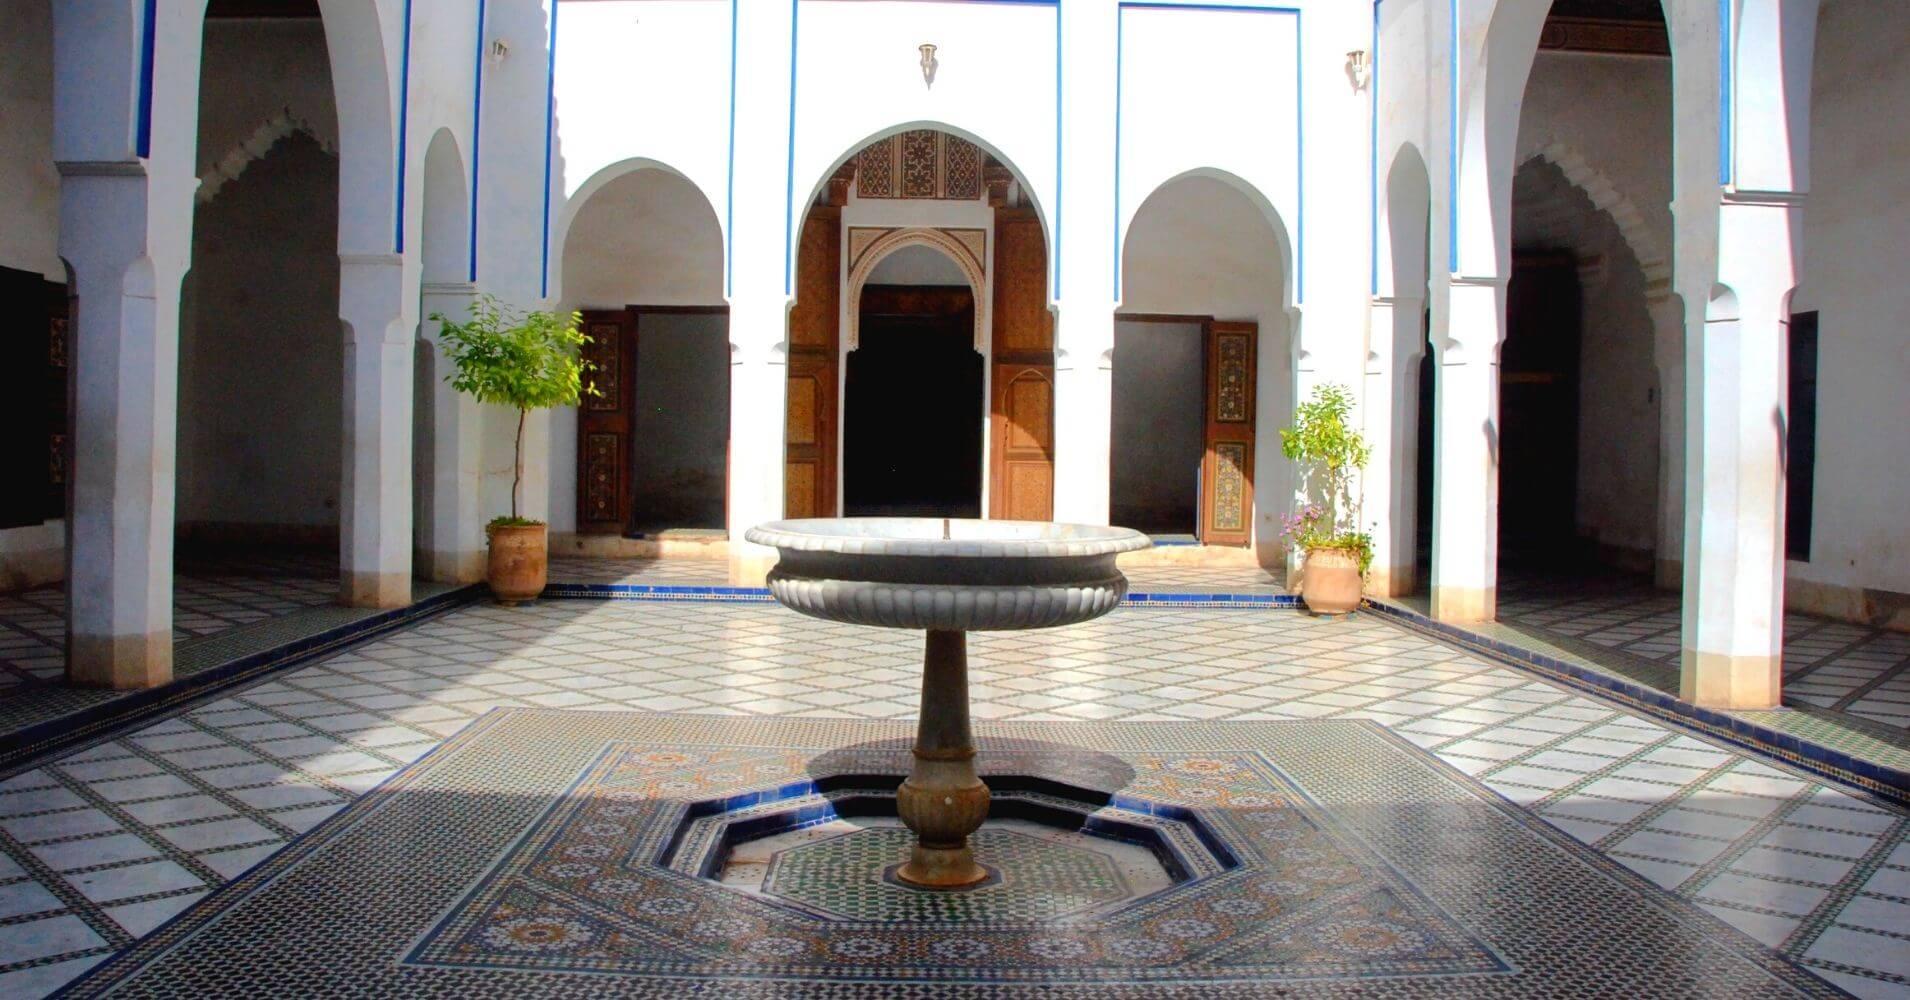 Palacio de la Bahía en Marrakech, Marruecos.